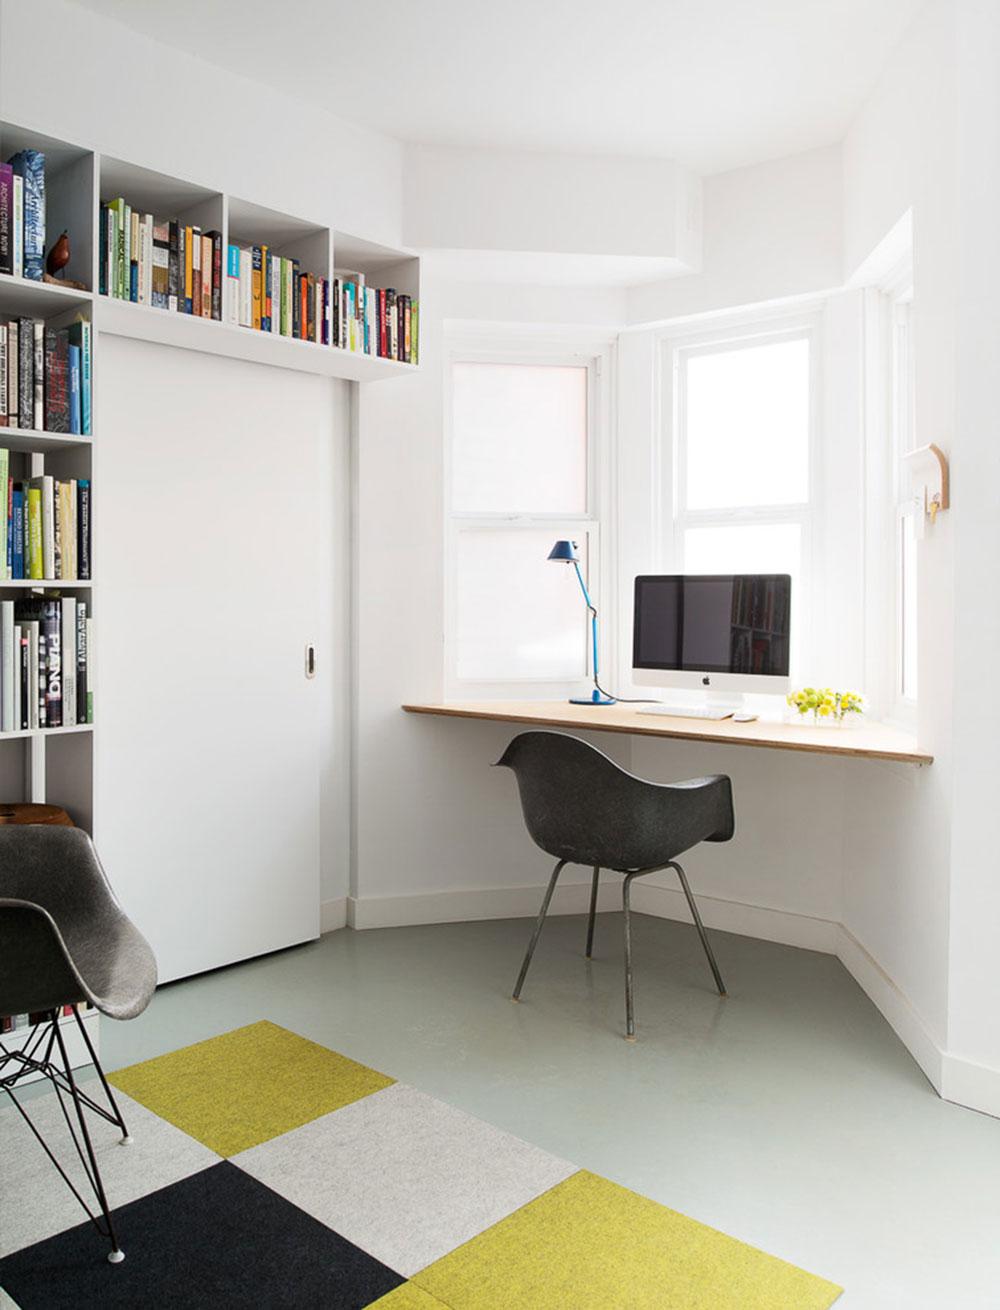 DIY-vägg-skrivbord-för-en-trevlig-jobb11 DIY väggmonterade skrivbord designidéer